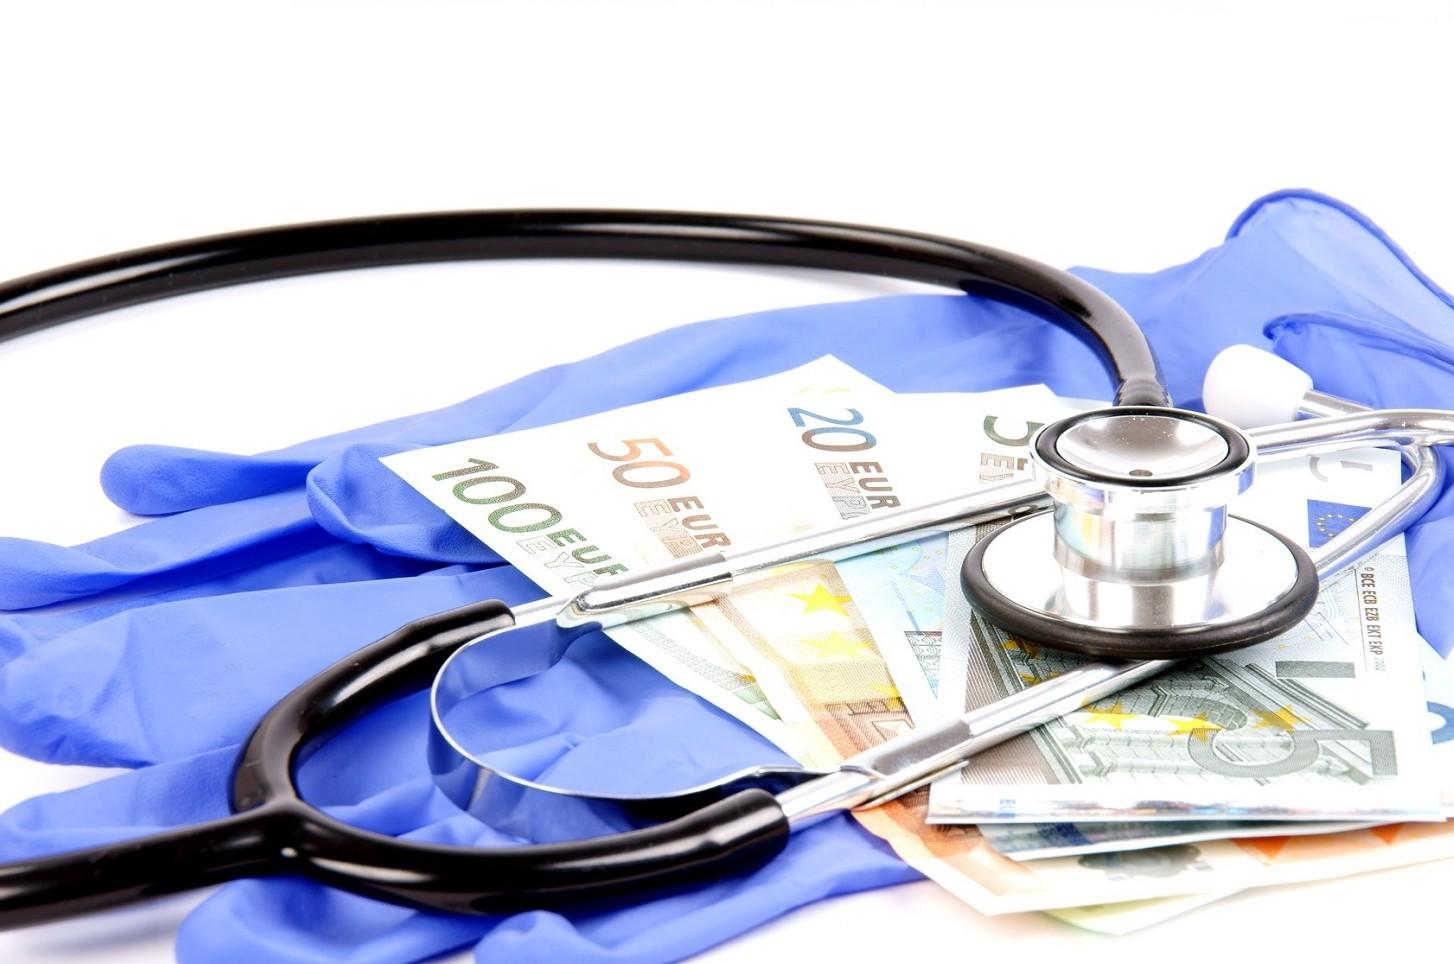 Ocse: spesa pro-capite sanitaria, Italia